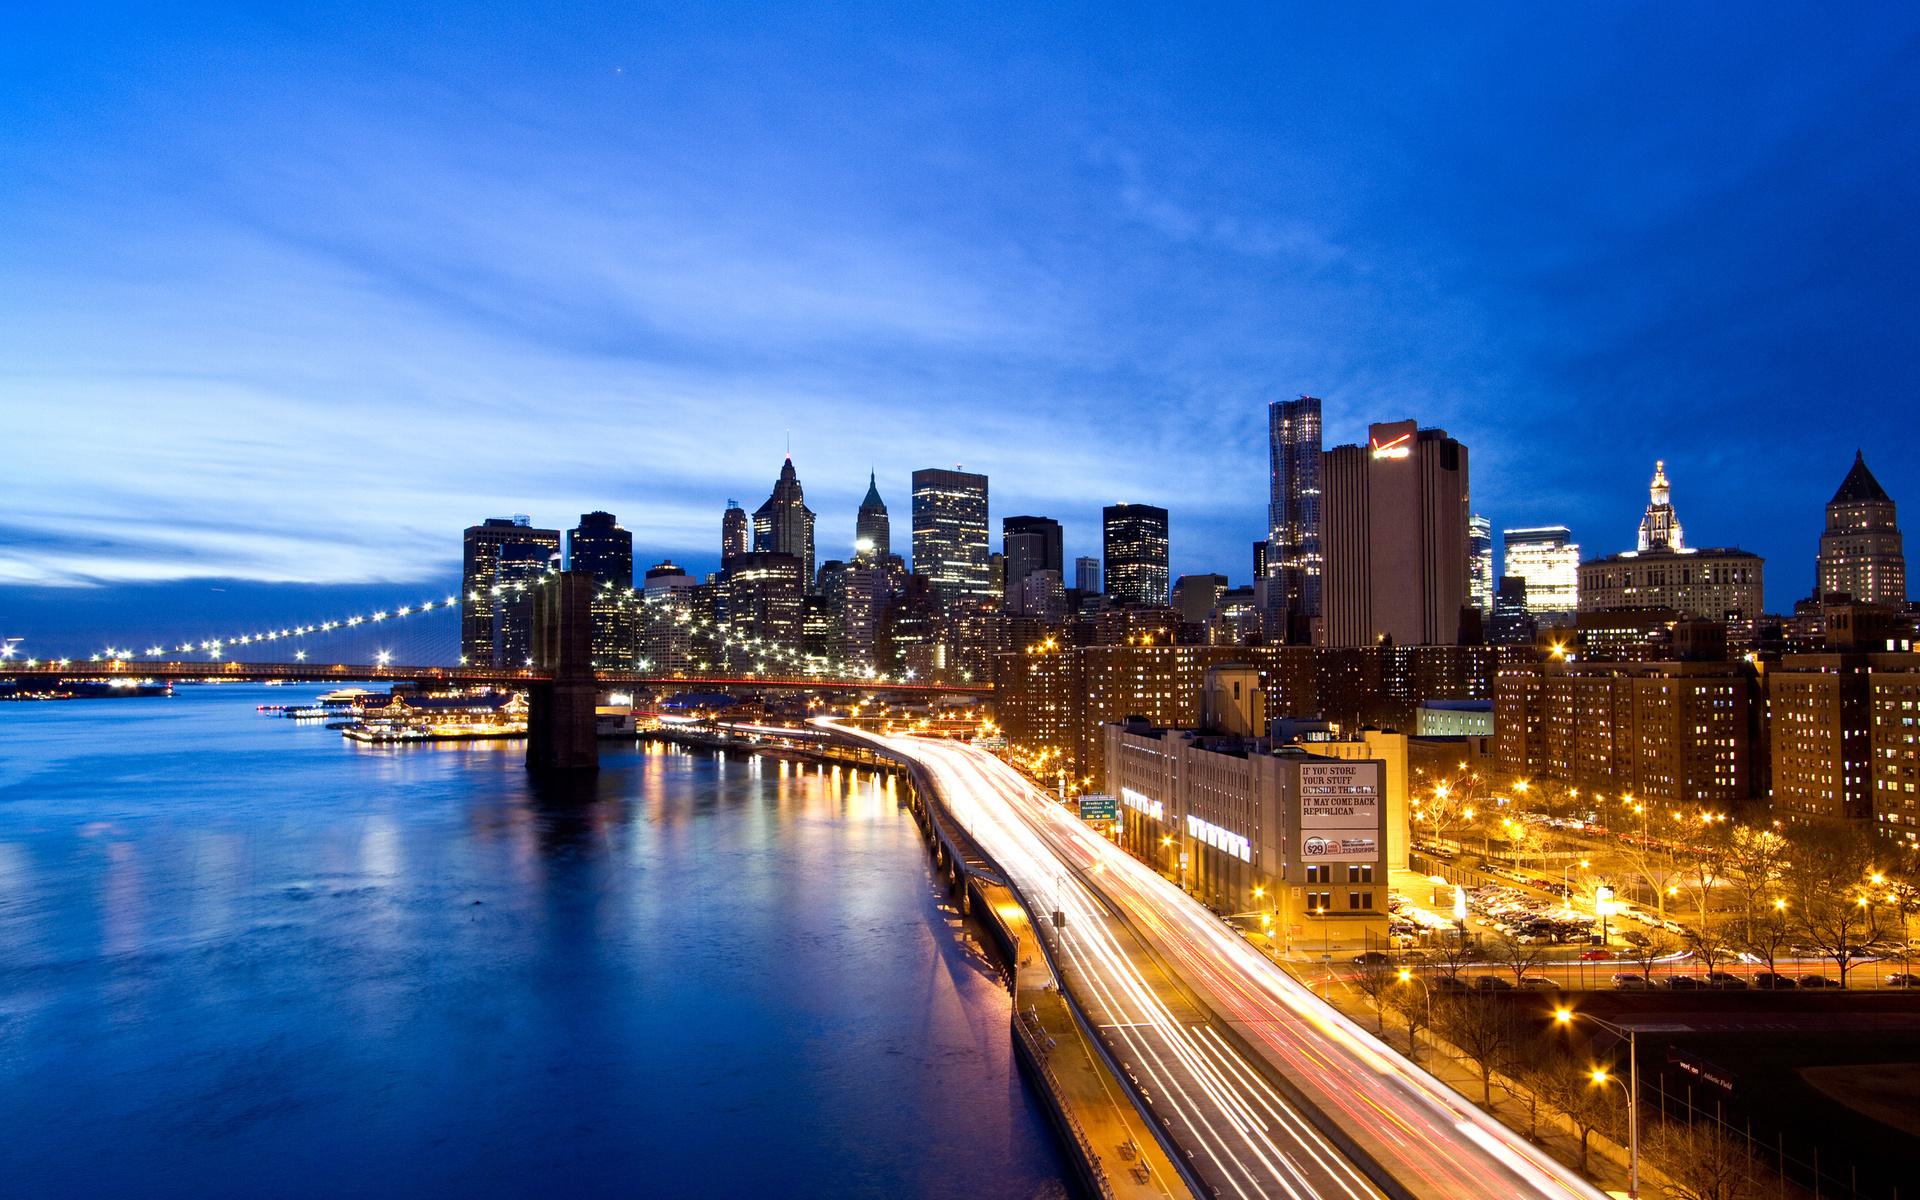 New York City Desktop Wallpaper Wallpapersafari